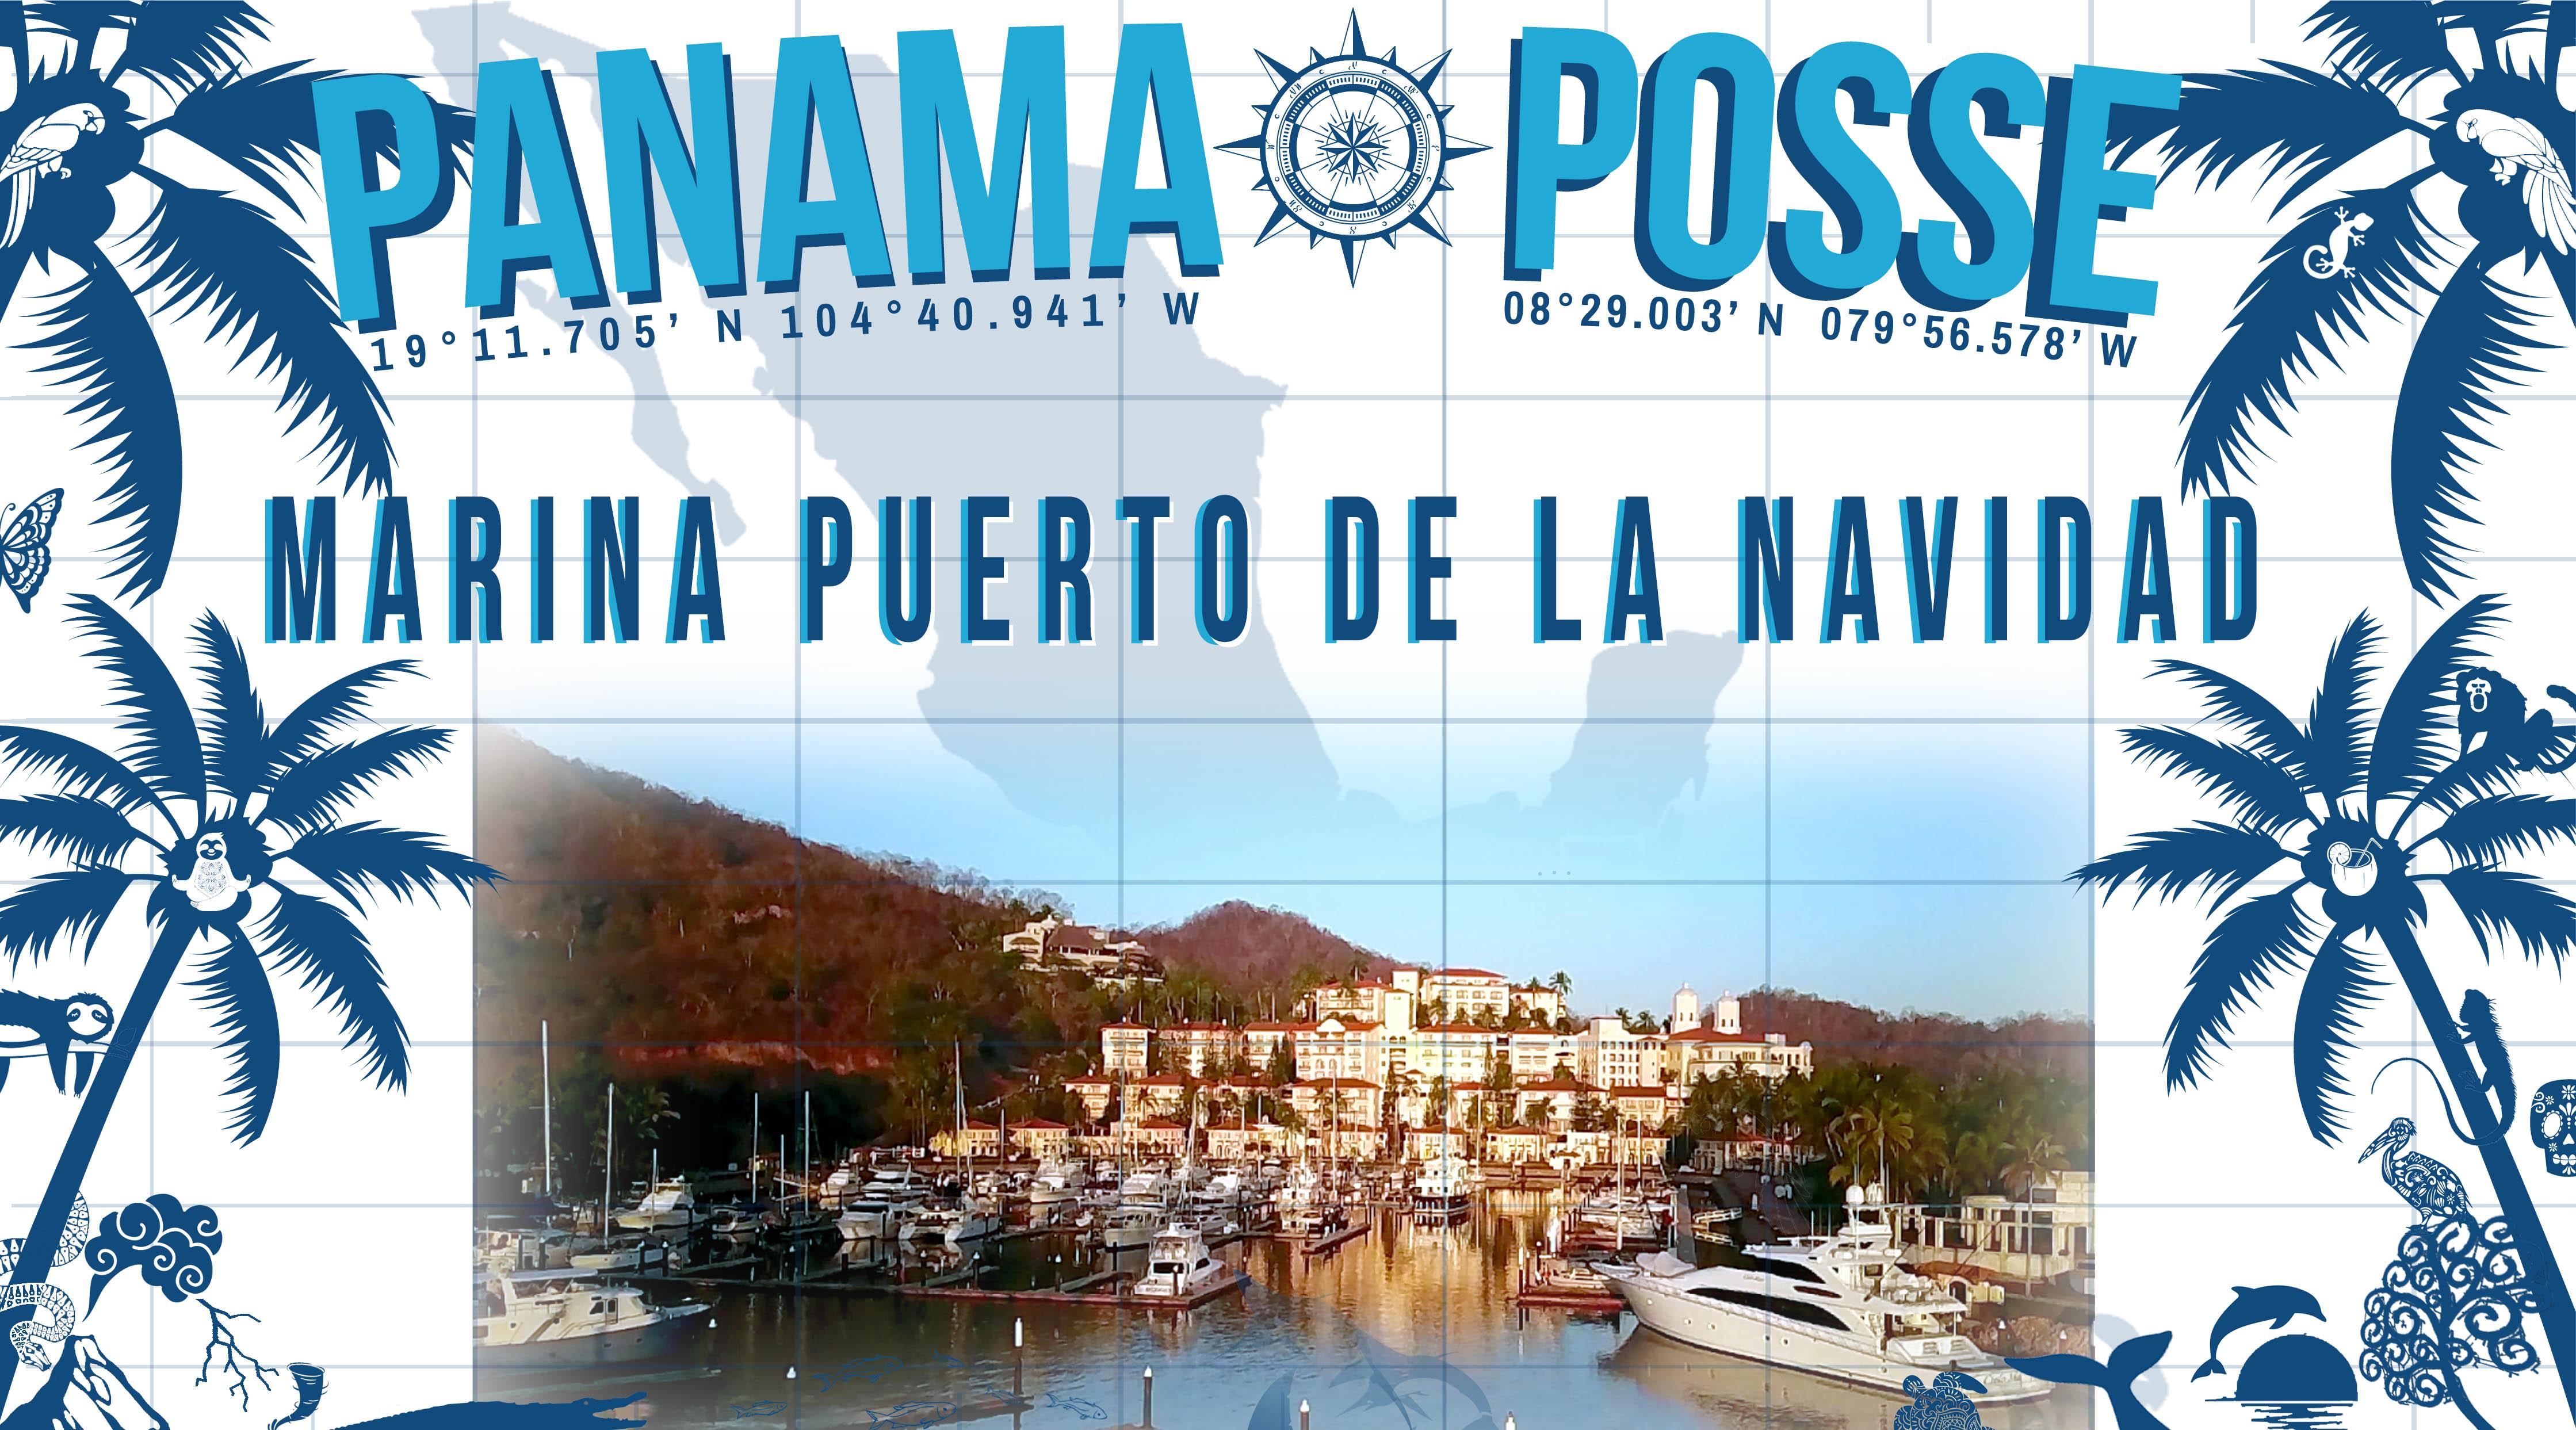 Marina Puerto de la Navidad - Barra de Navidad sponsors the Panama Posse